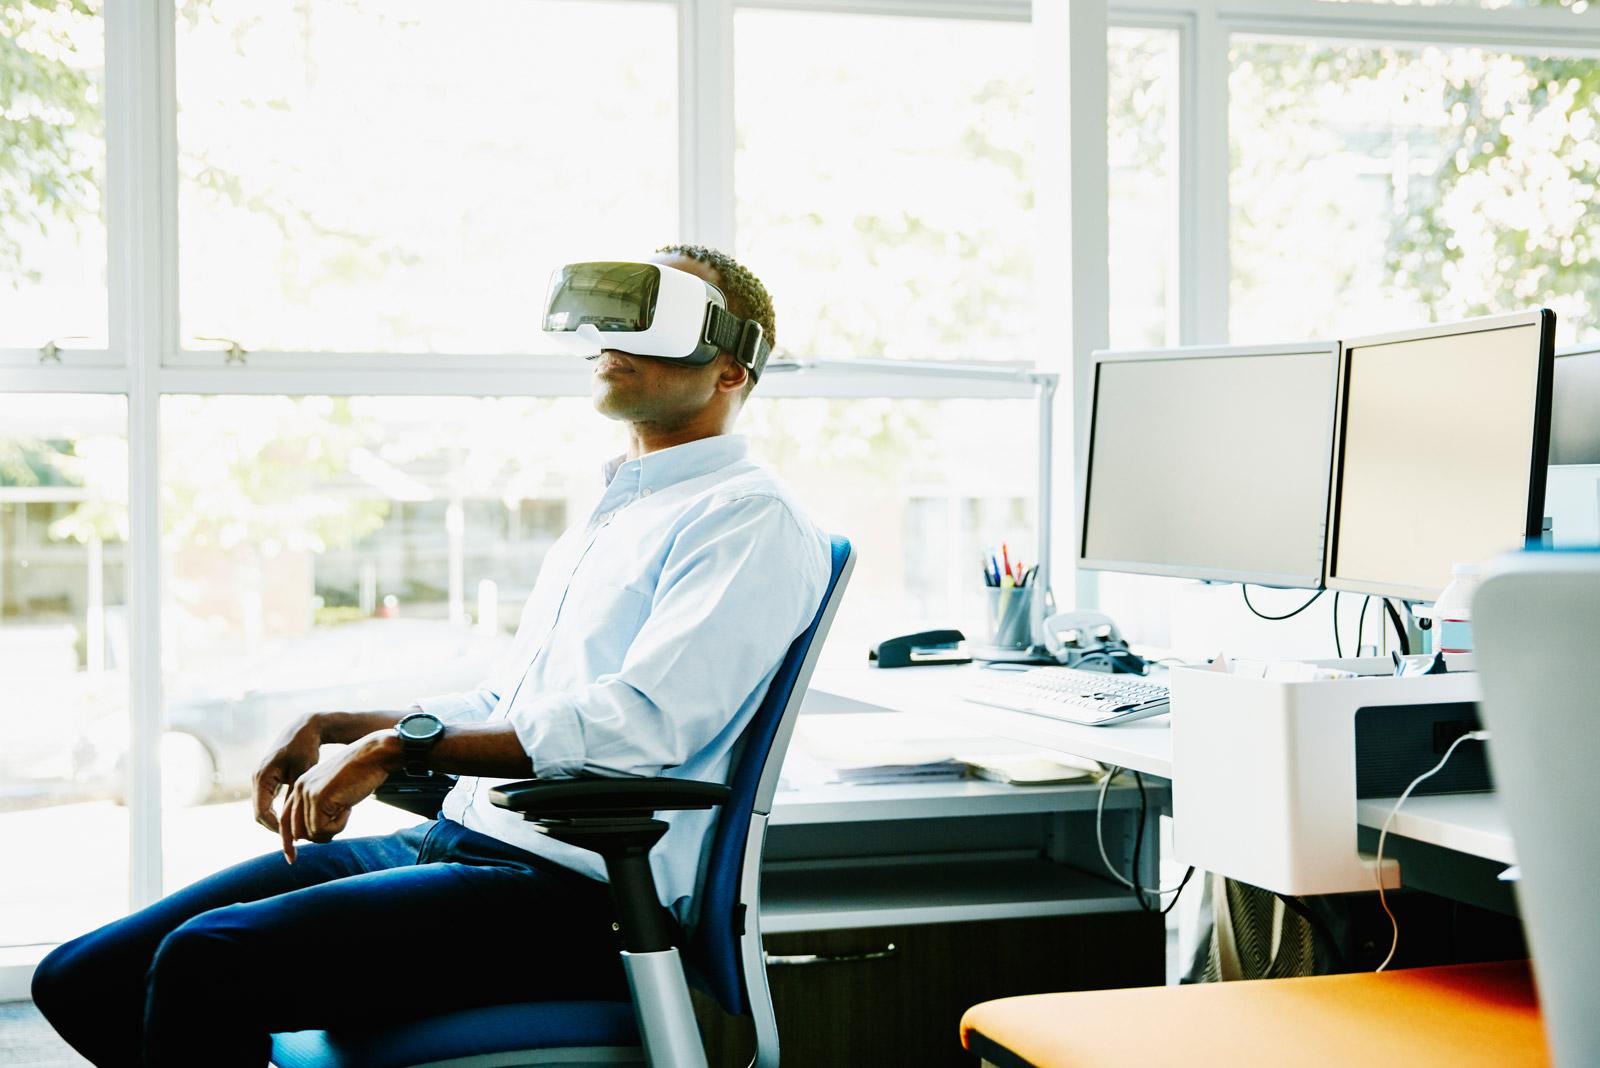 Die digitale Zukunft verändert das Büro